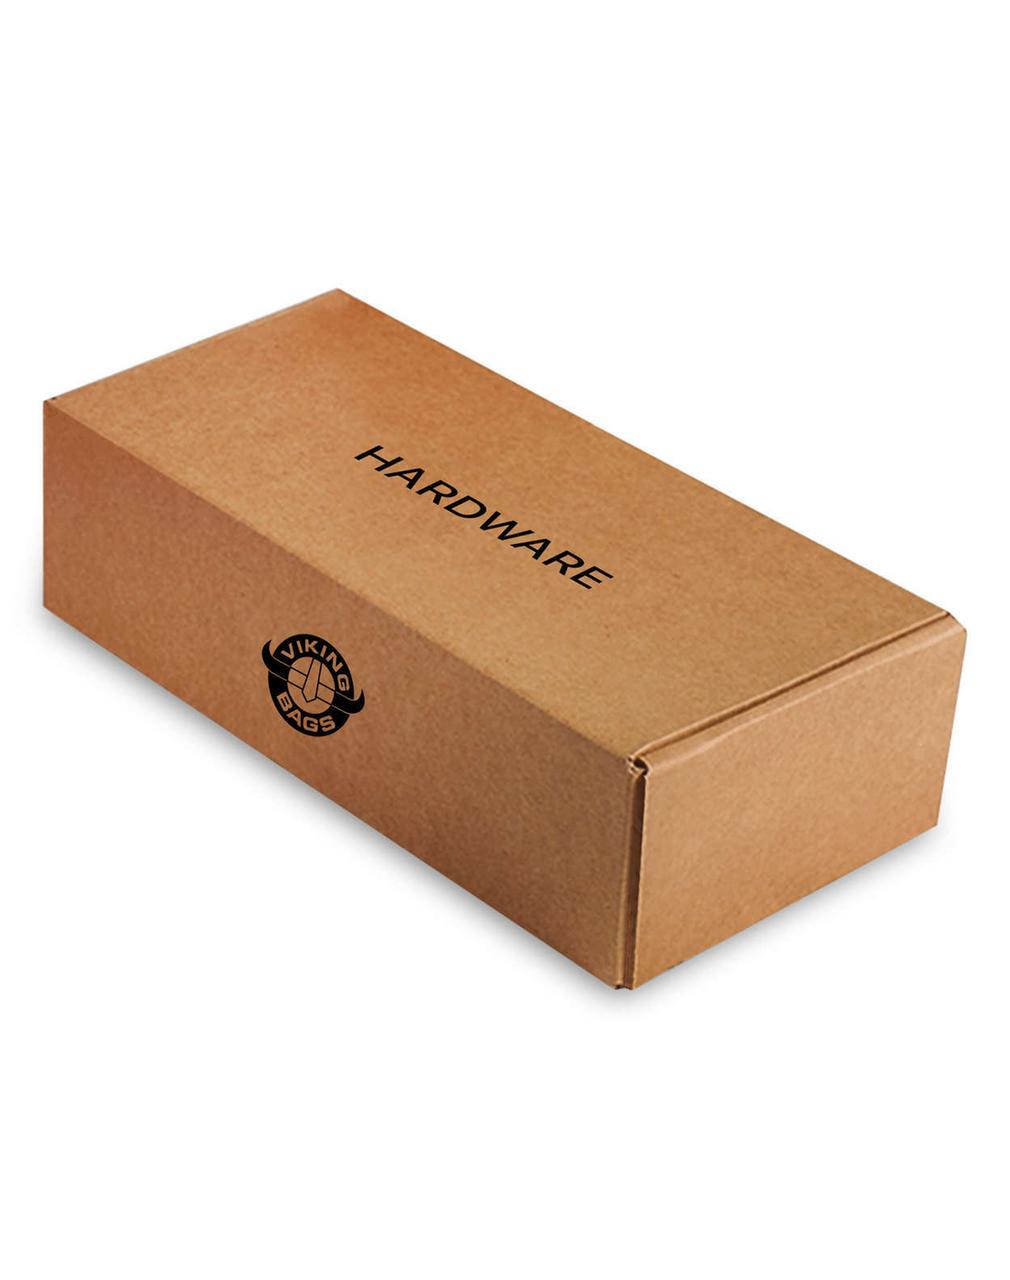 Honda VTX 1800 R Charger Slanted Studded Medium Motorcycle Saddlebags Hardware Box